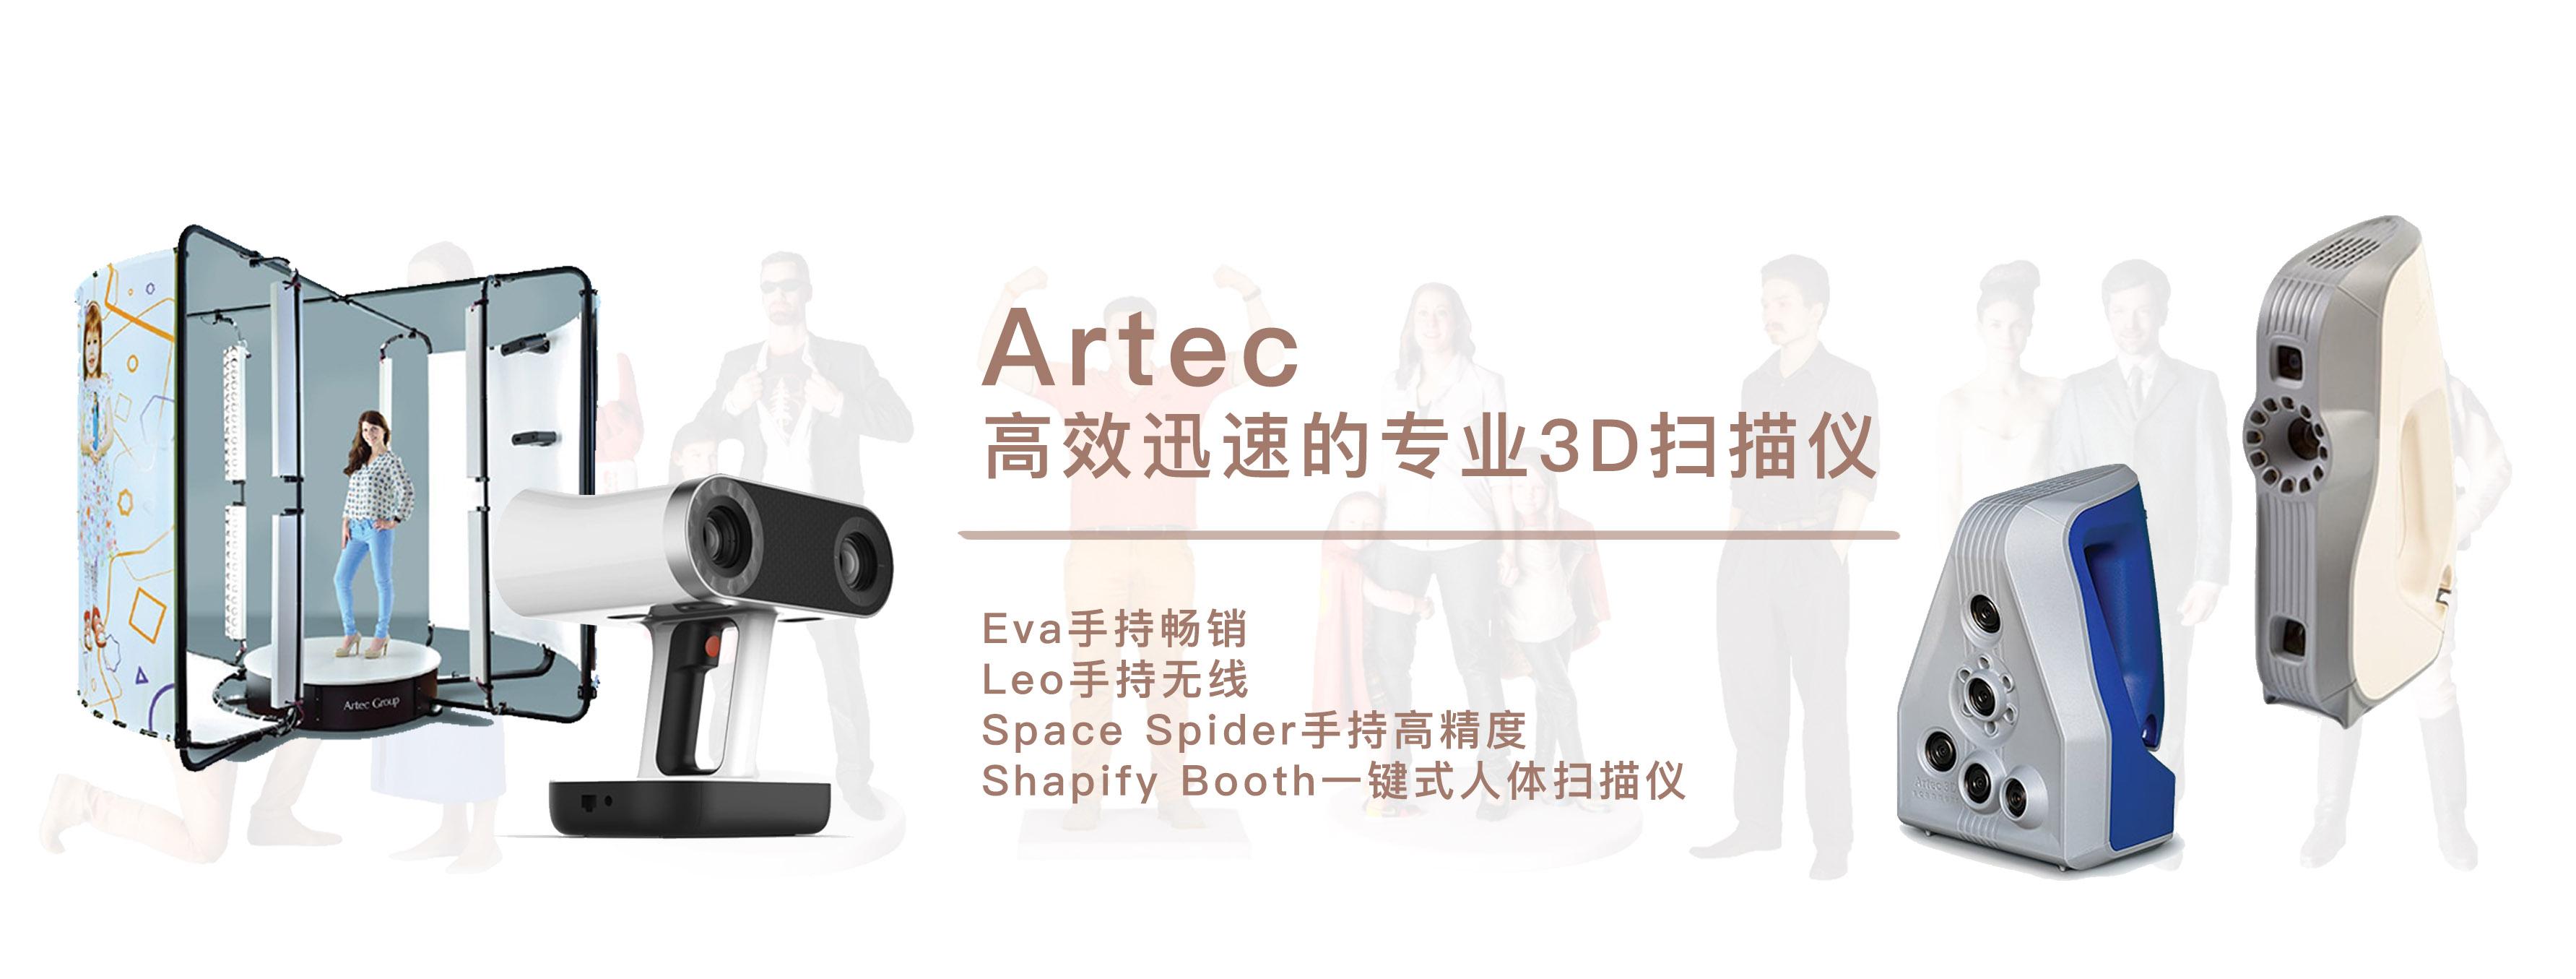 artec1